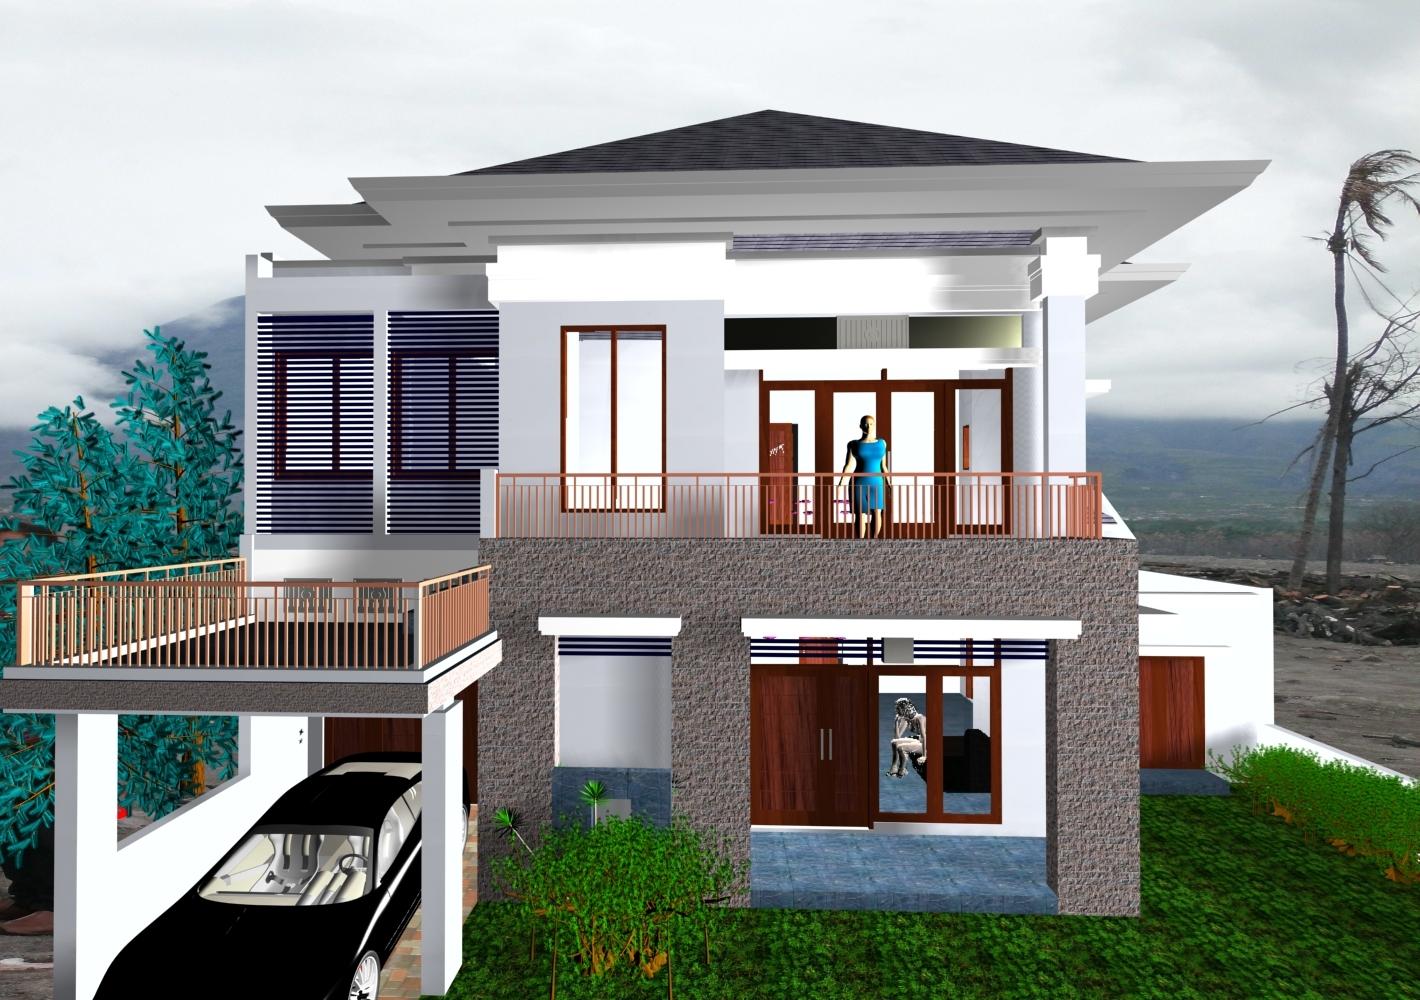 99 Gambar Contoh Model Teras Rumah Minimalis Modern 2017